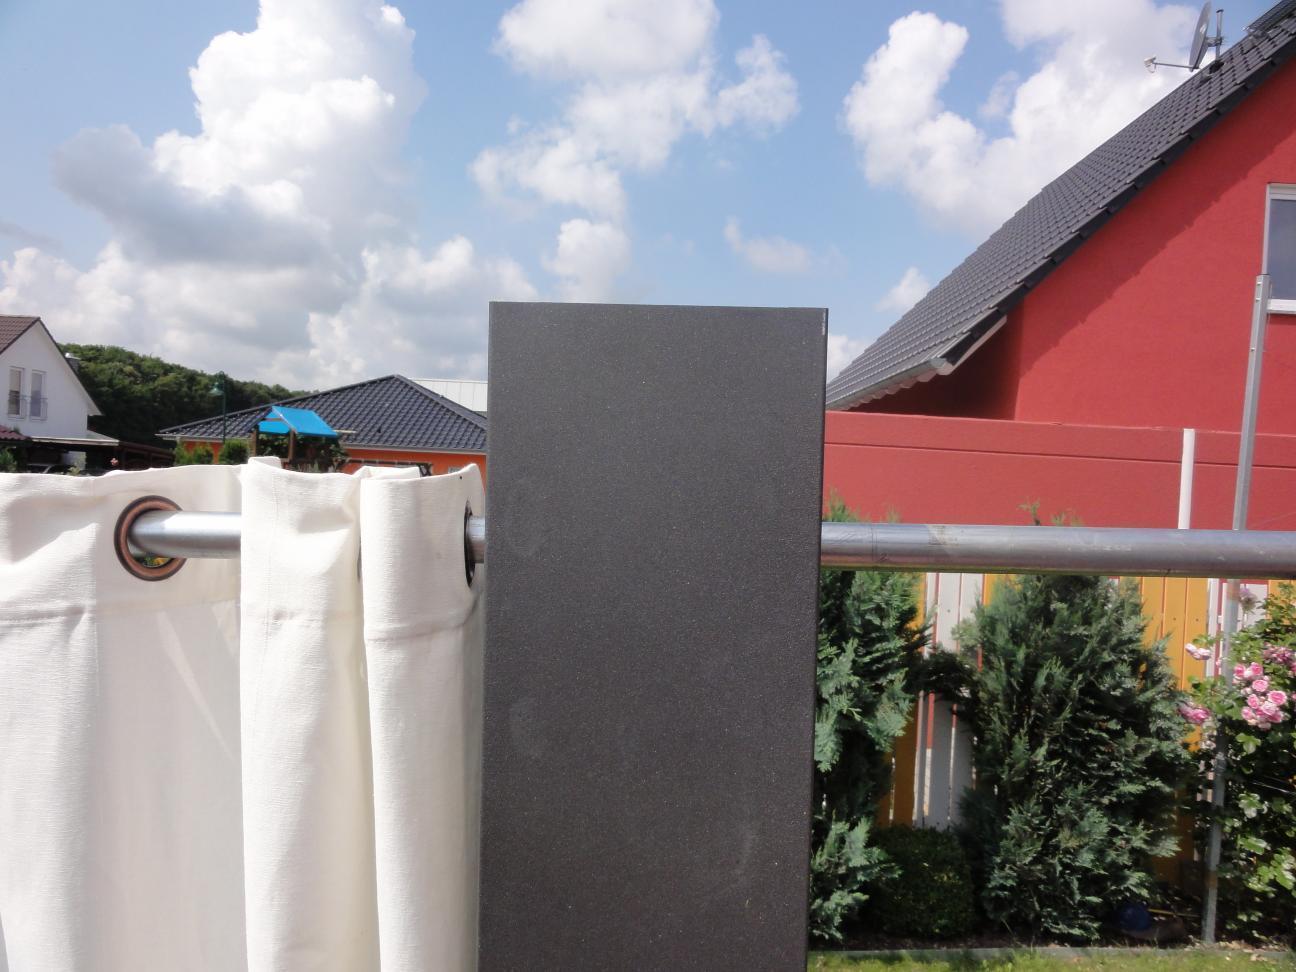 sichtschutz mittels ule 2 2 m x 0 2 x 0 2 m pulberbeschichtet nach unserer farbkarte. Black Bedroom Furniture Sets. Home Design Ideas